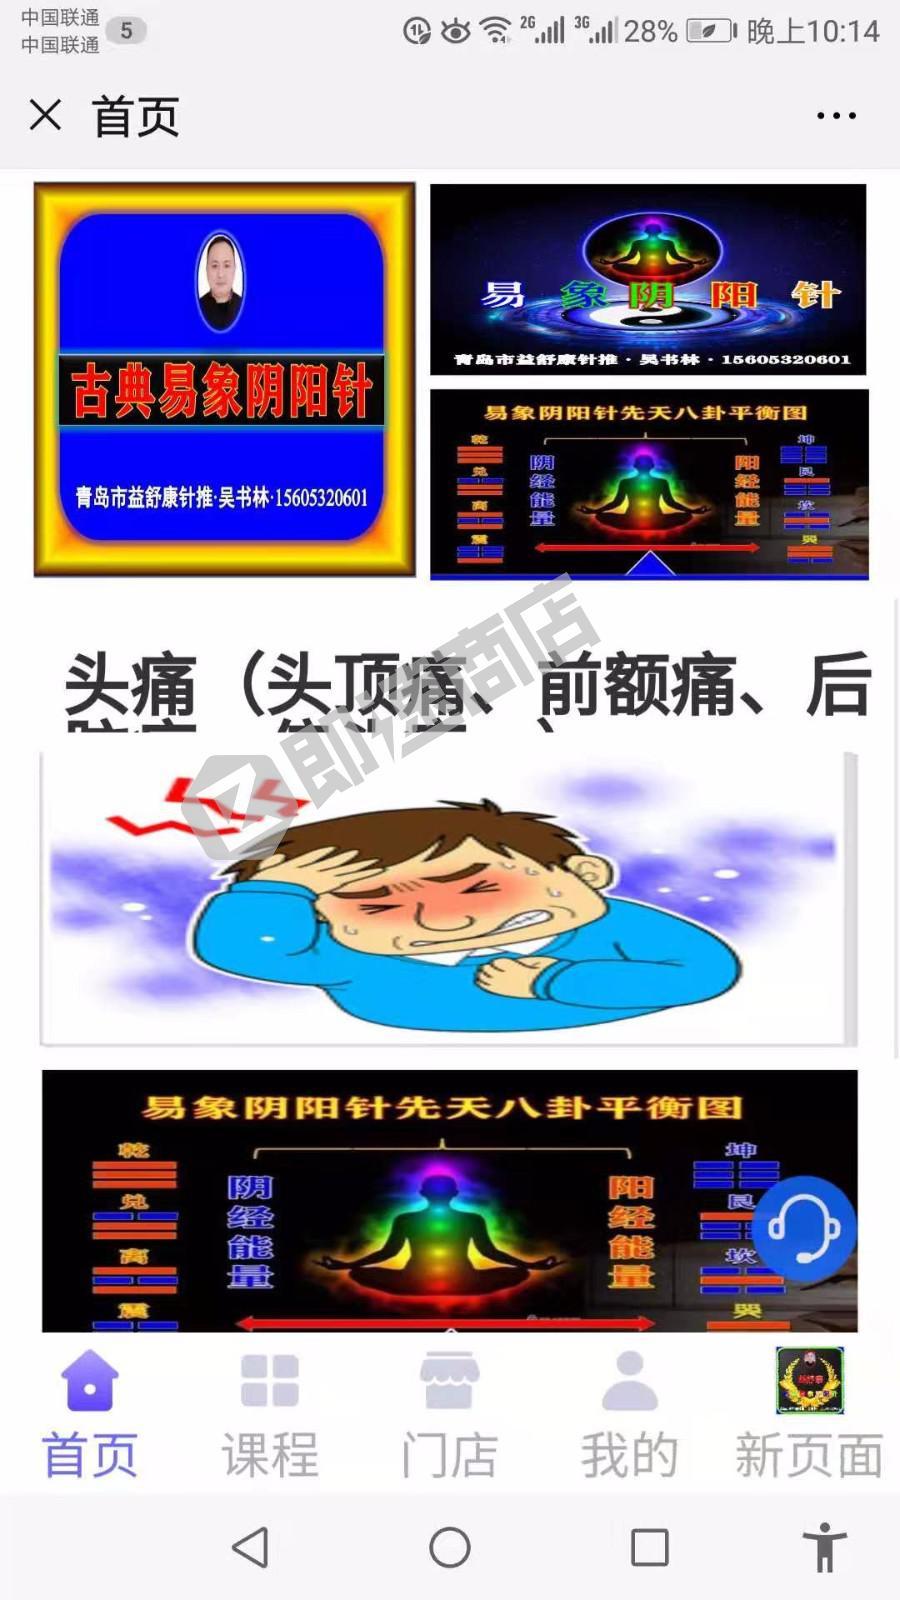 益舒康针推~吴书林小程序首页截图